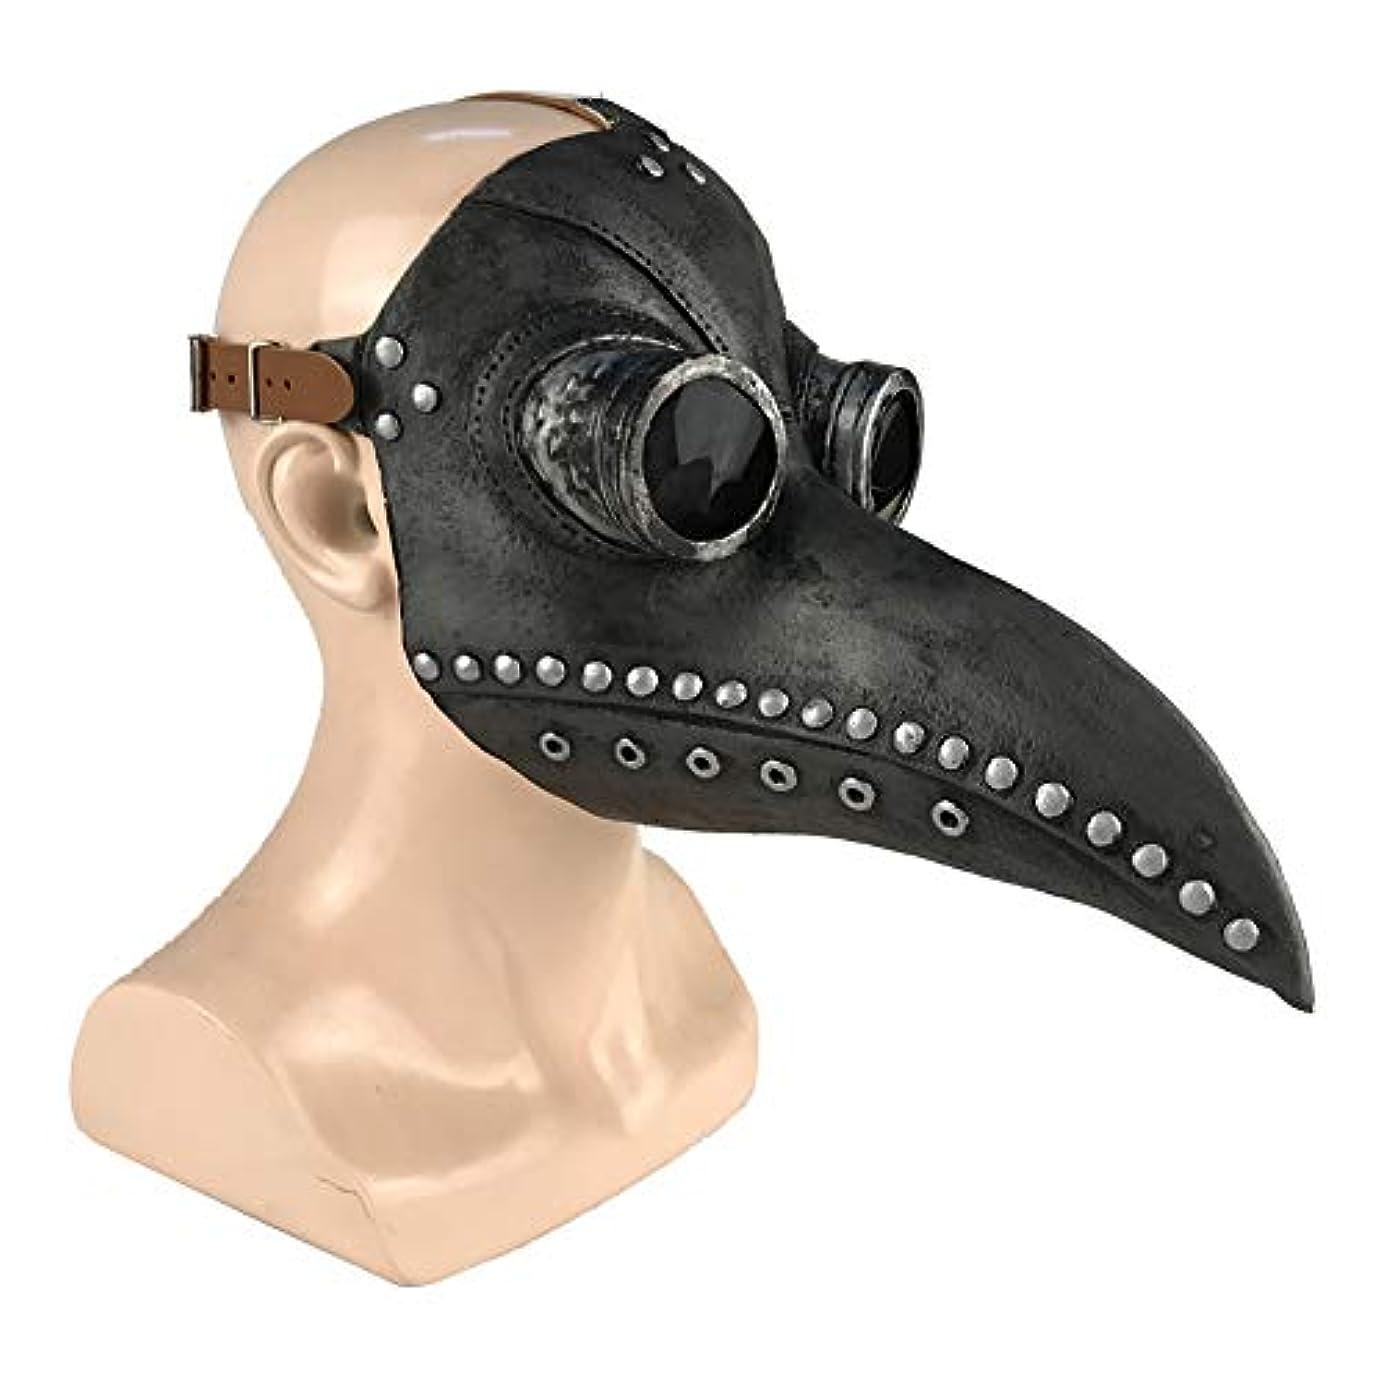 標準泥だらけ恐れEsolom ハロウィンマスク ペストスチーム喙ドクターマスク ホリデーパーティー用品 黒 銅の爪 ホラーマスク ハロウィンデコレーション 通気性